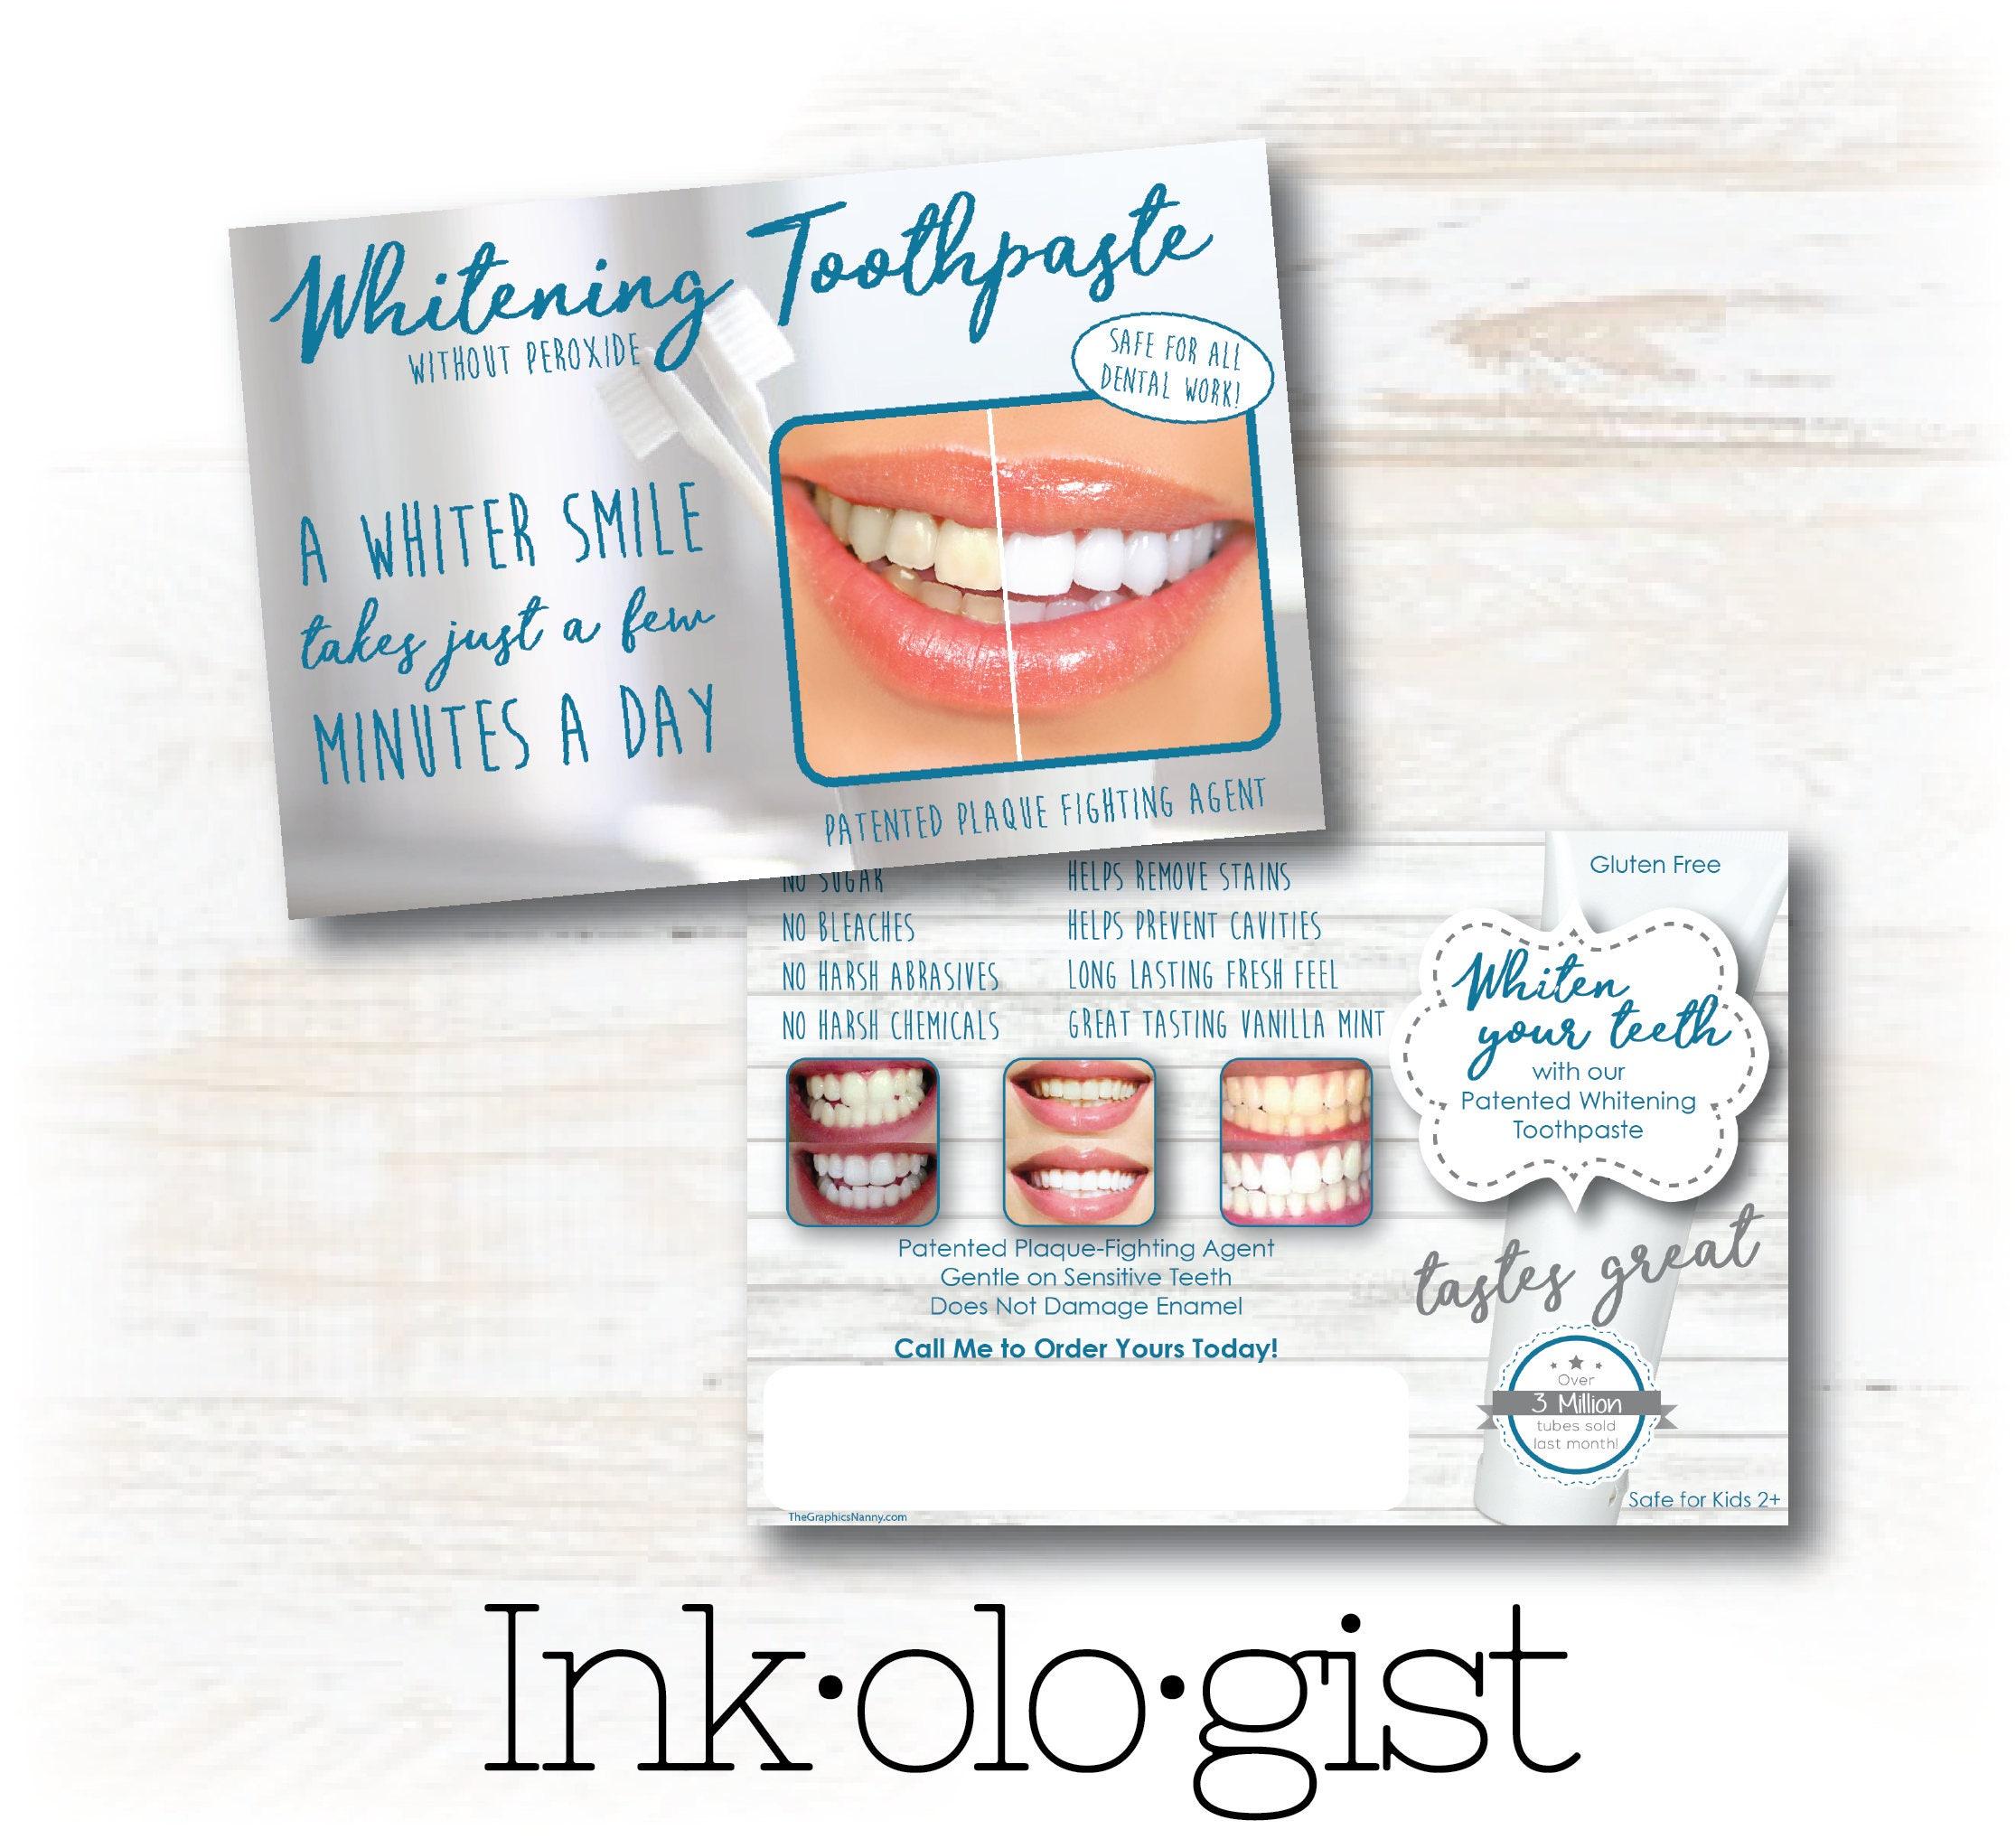 nu skin toothpaste ap24 postcard nu skin brochure nu skin